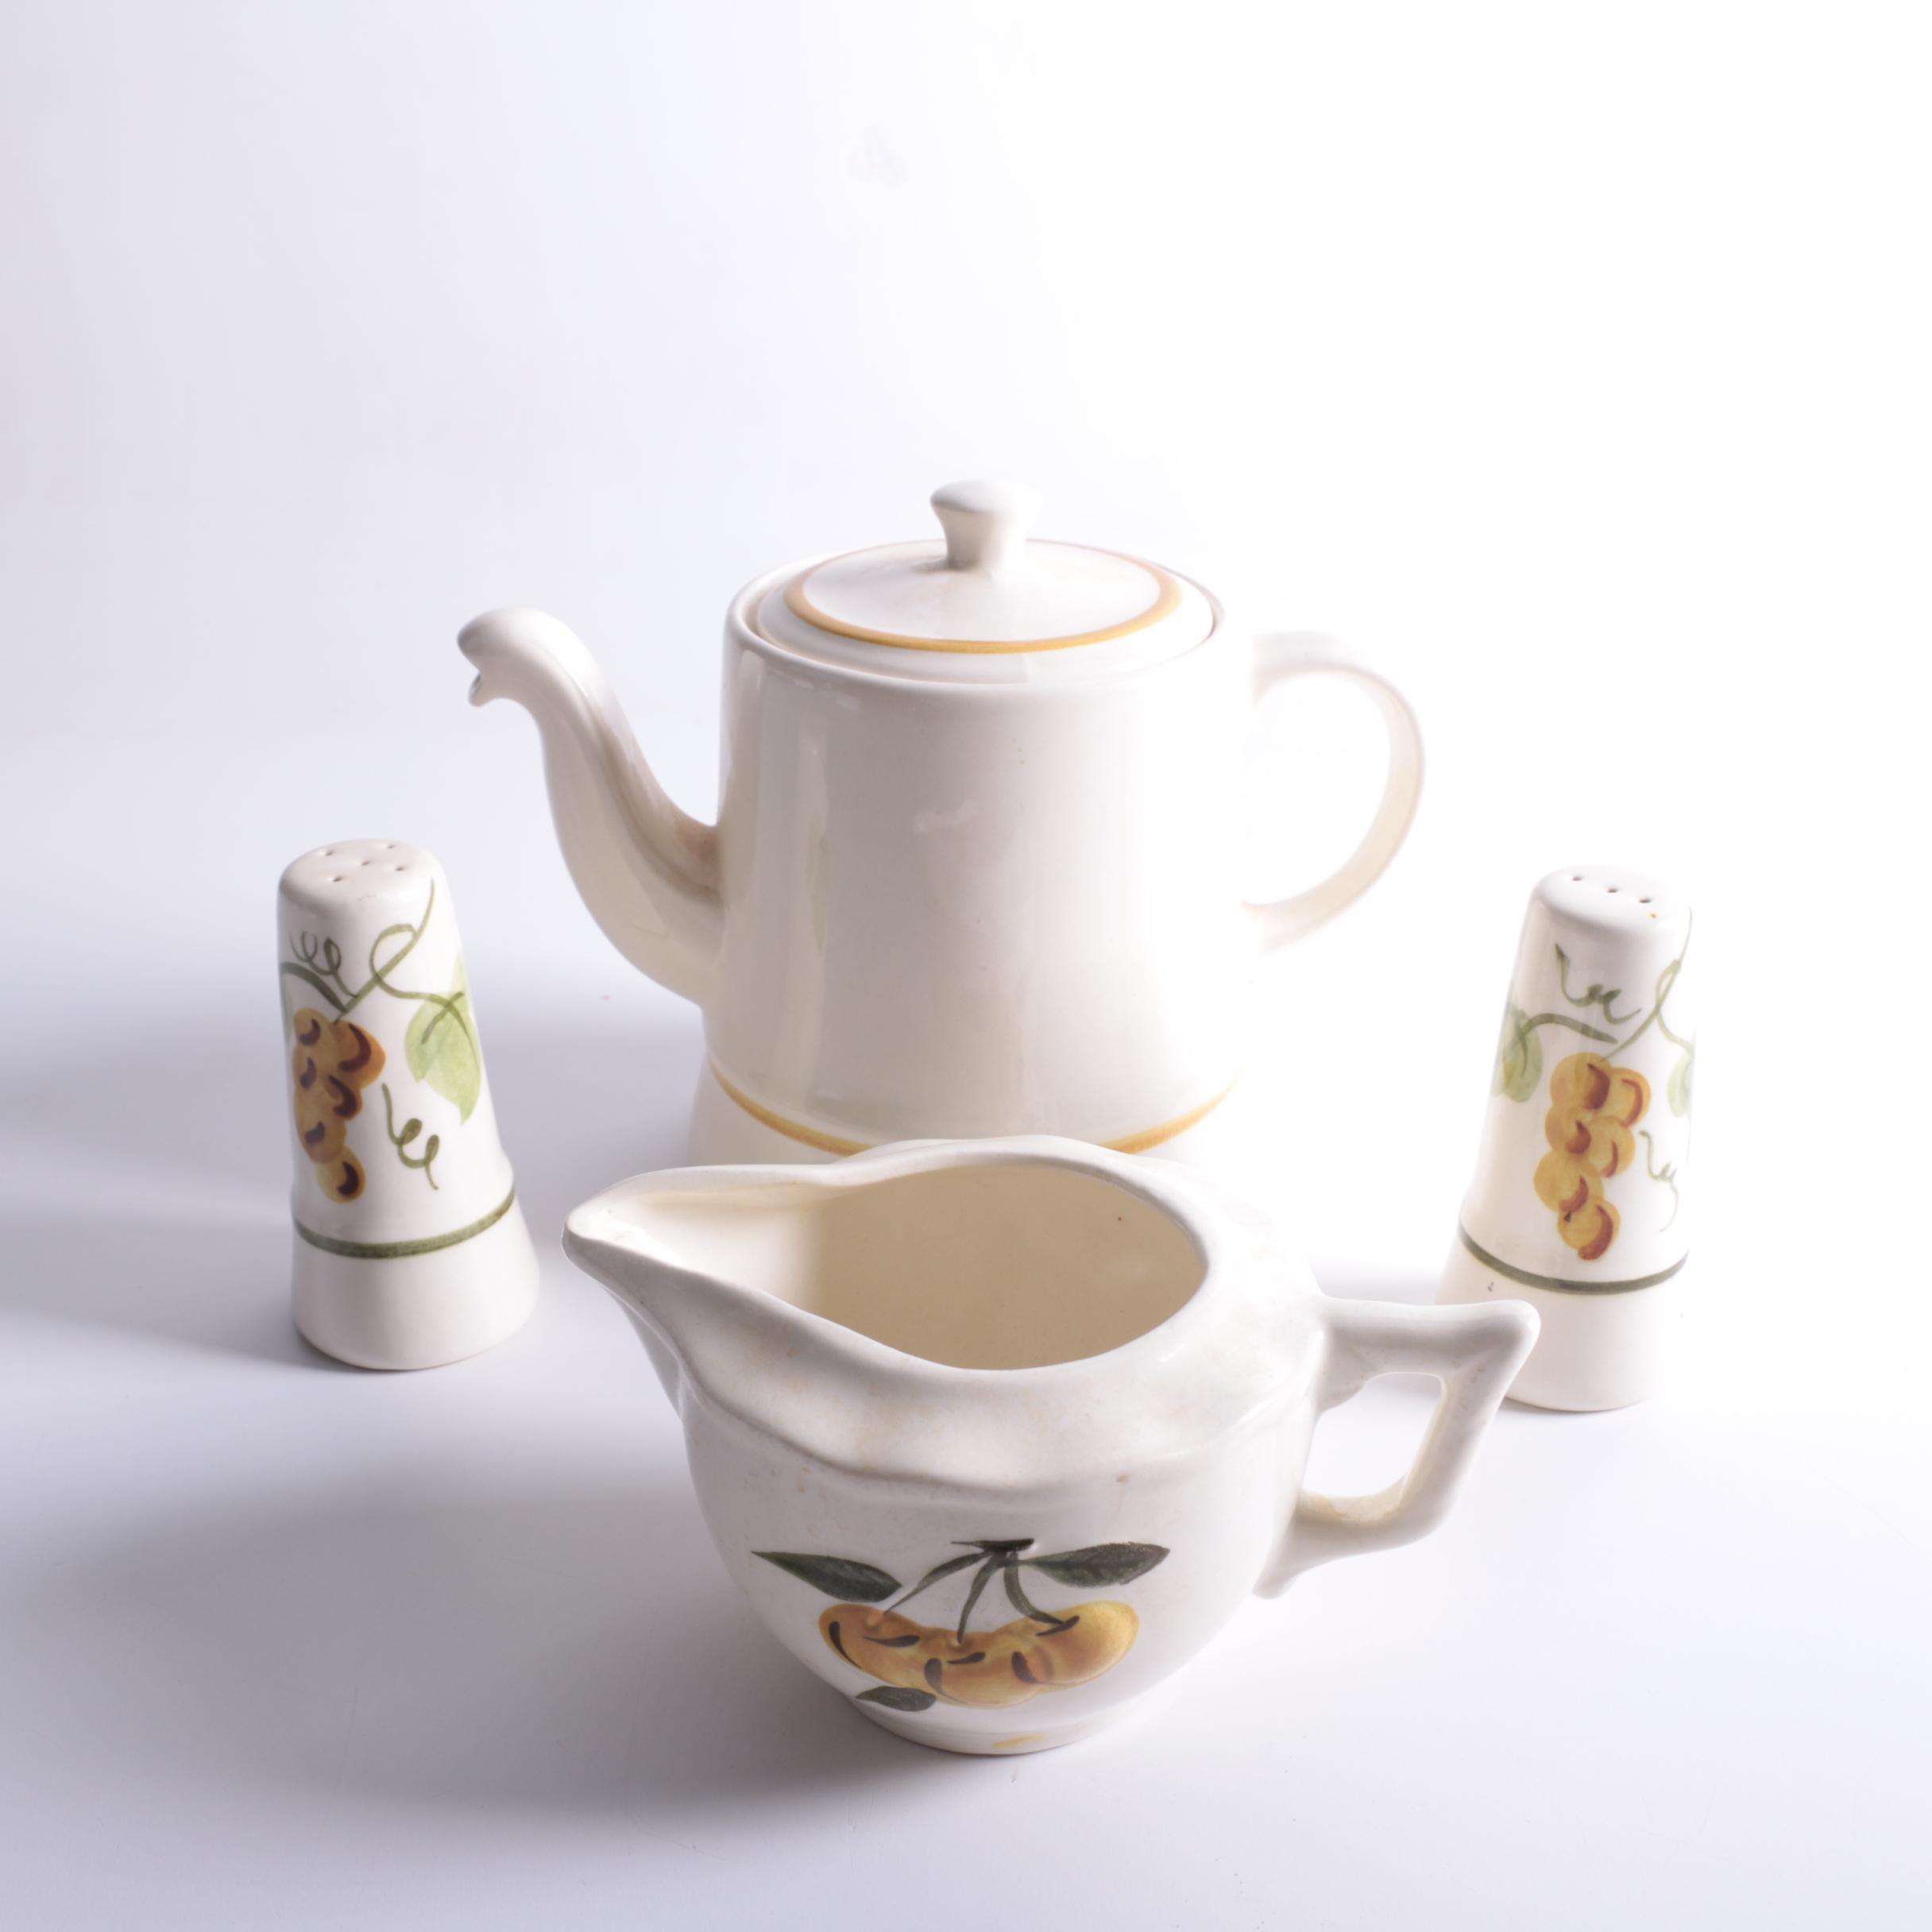 """Vintage Stangl """"Sculptured Fruit"""" Coffee Maker, Creamer, Salt and Pepper Shakers"""